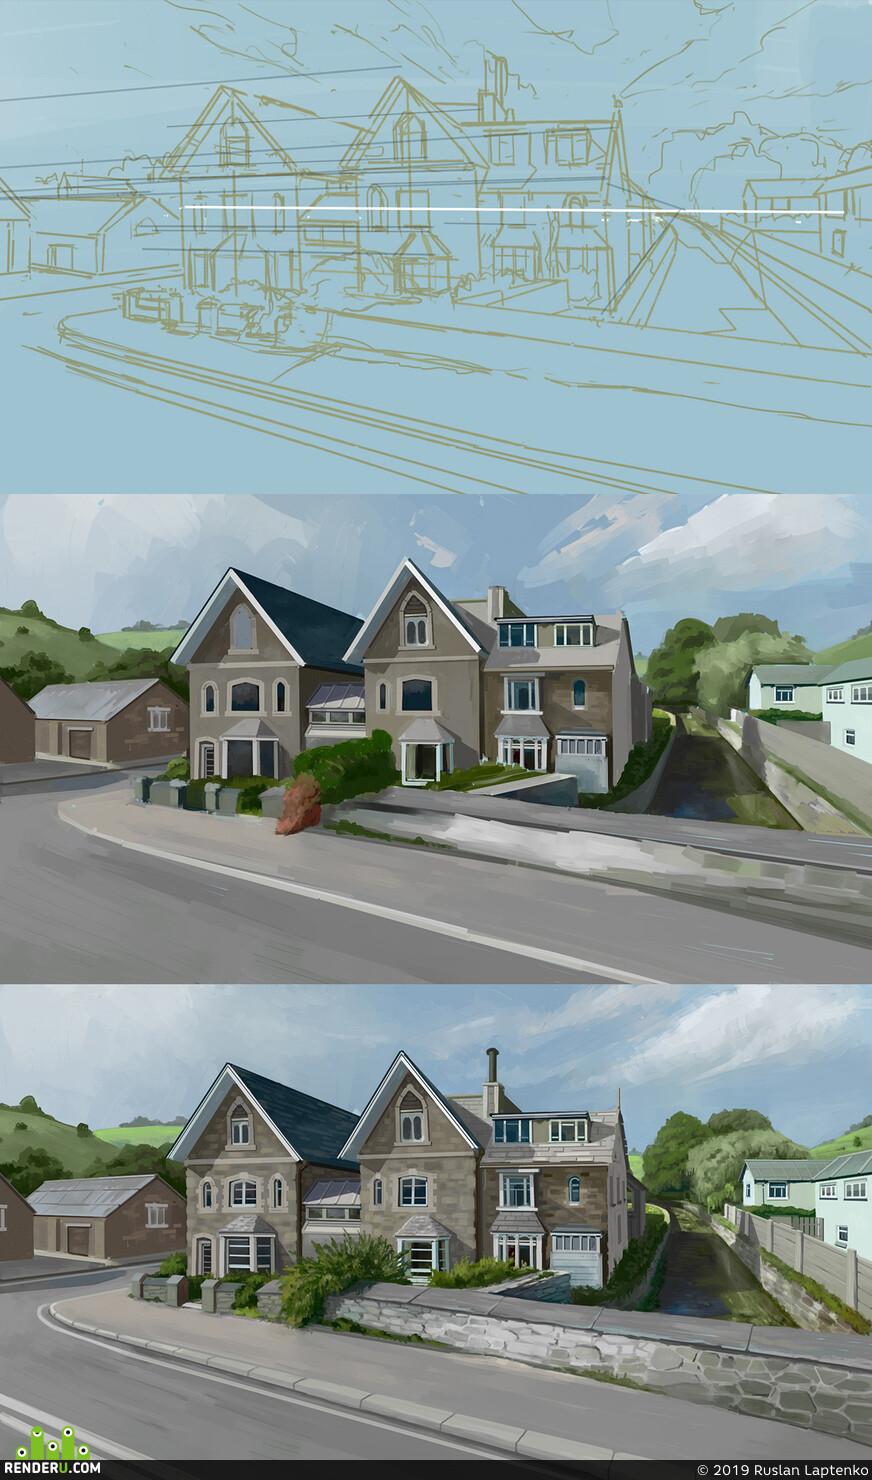 Загородный дом, речка, стадик, рисунок, 2д эскиз